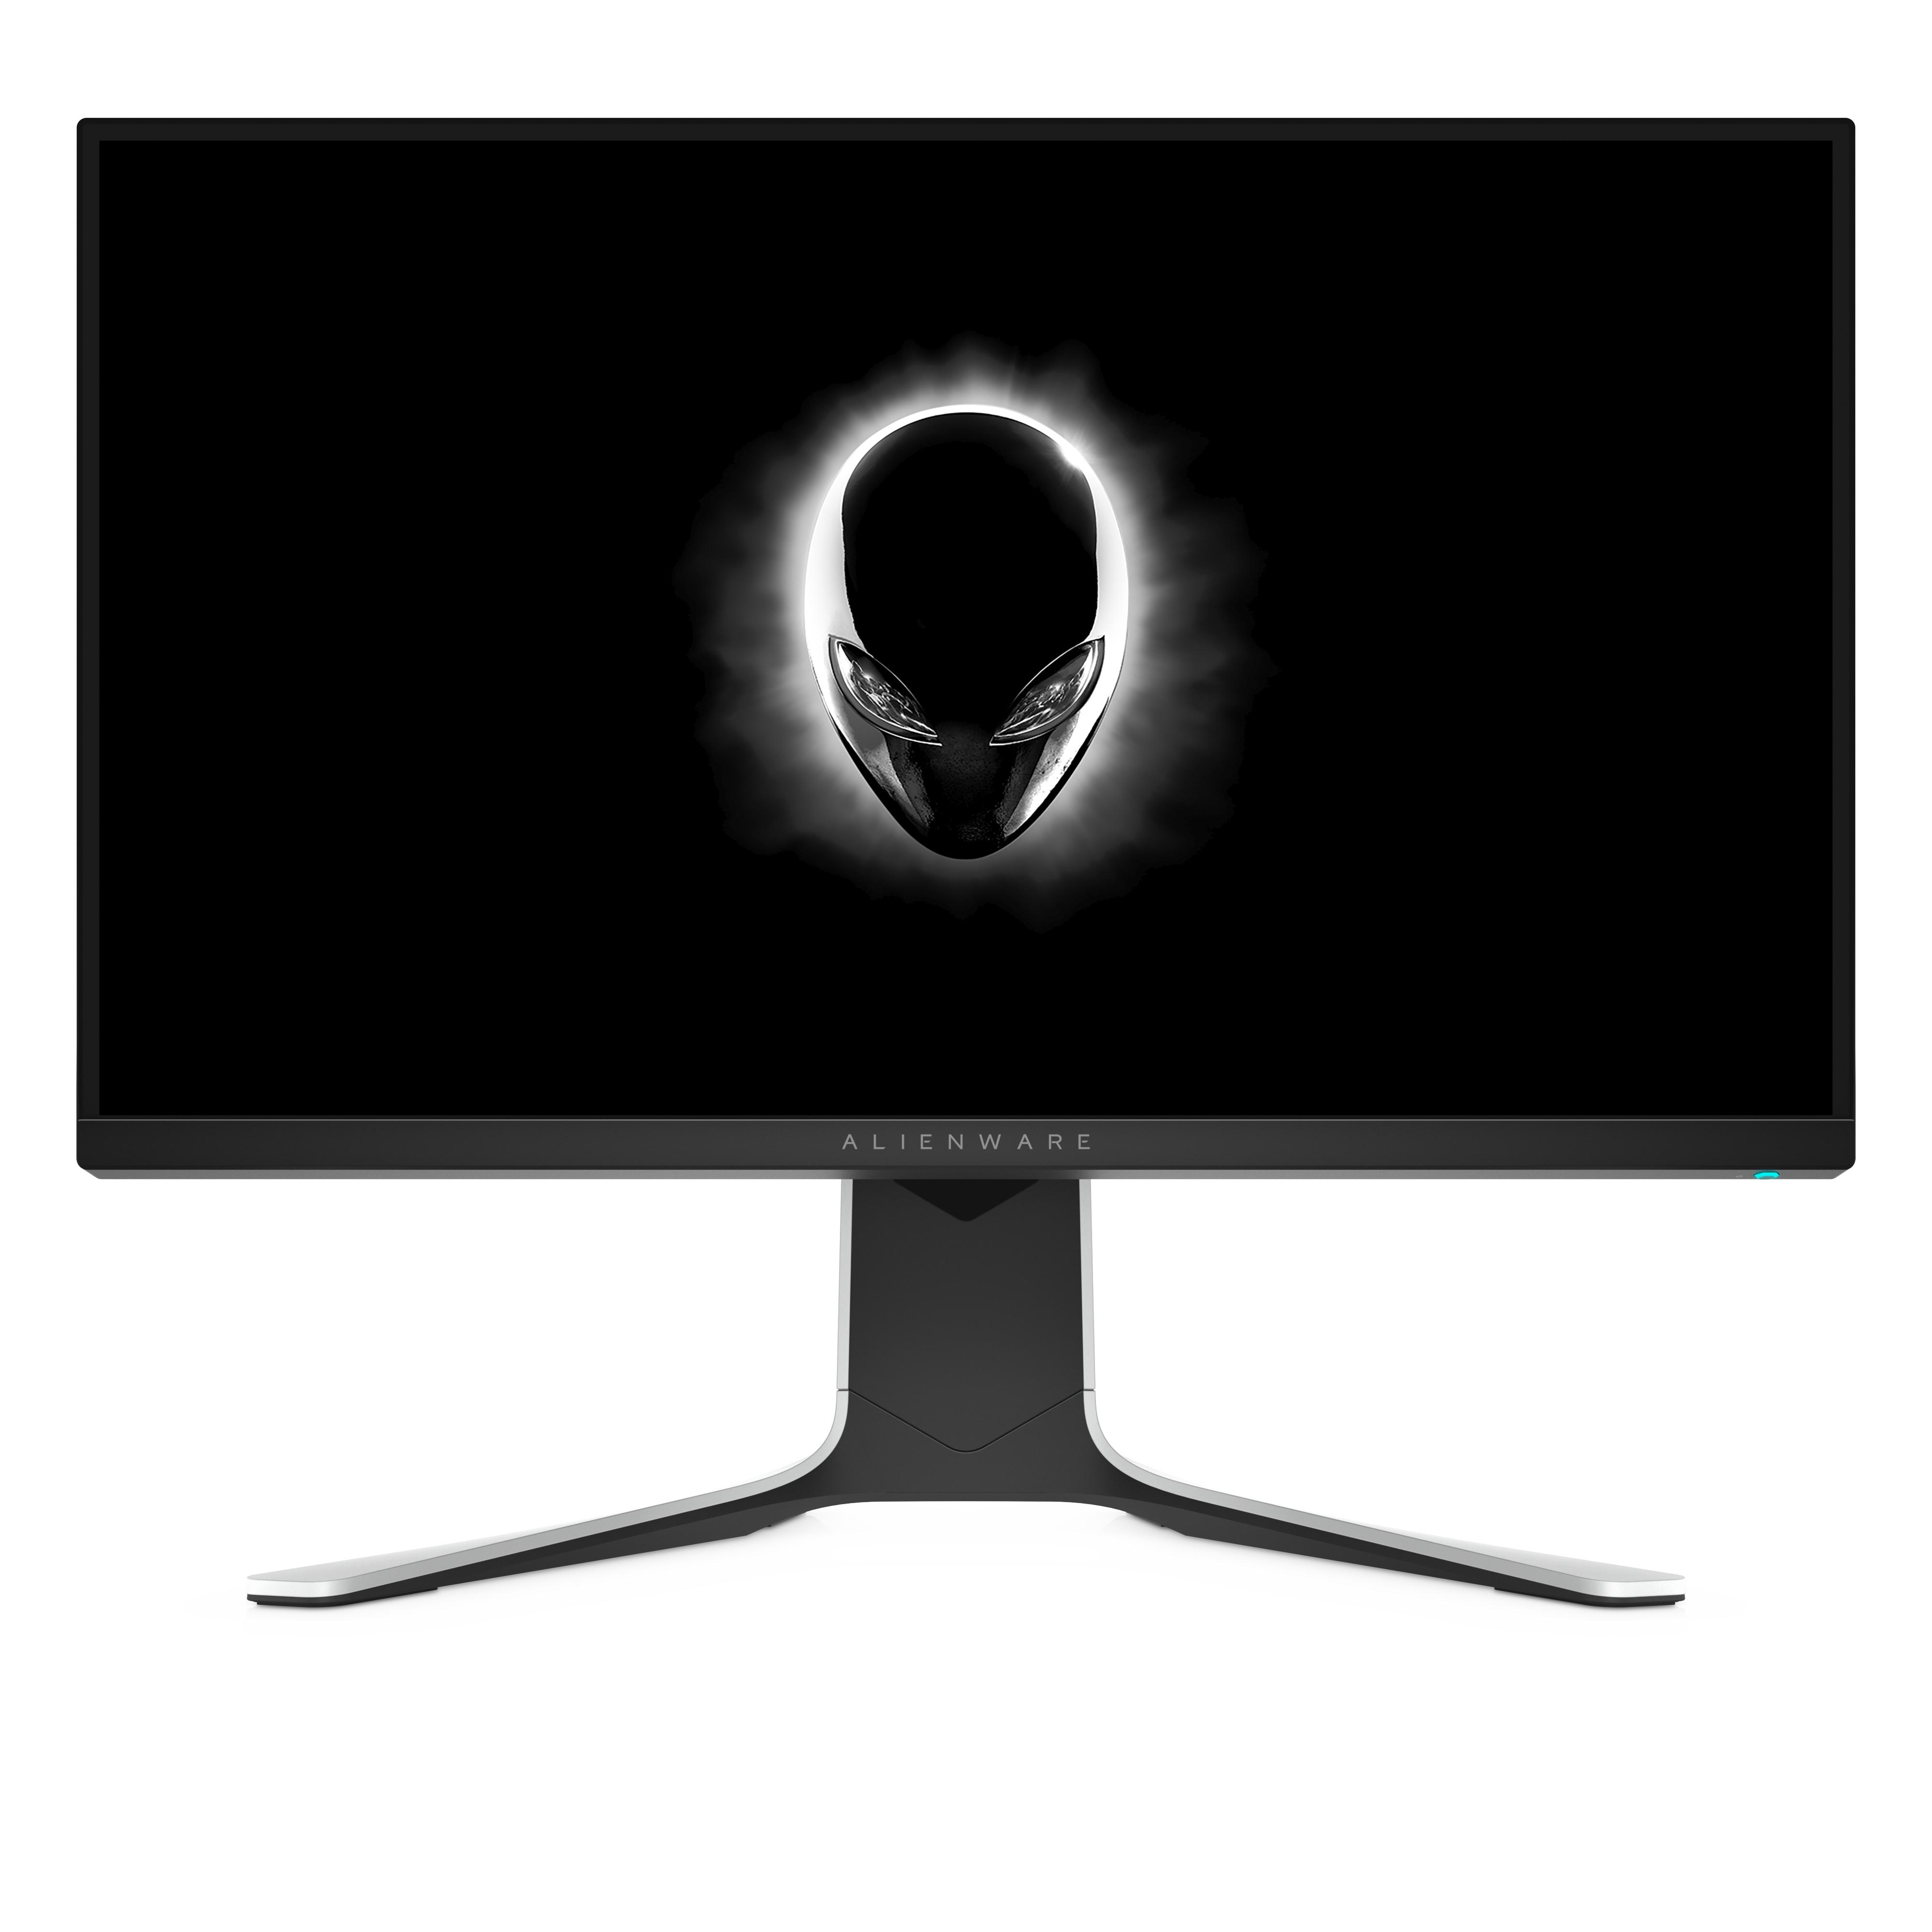 Dell Alienware AW2720HF - 68,6 cm (27 Zoll) - 1920 x 1080 Pixel - Full HD - LCD - 1 ms - Schwarz - Weiß